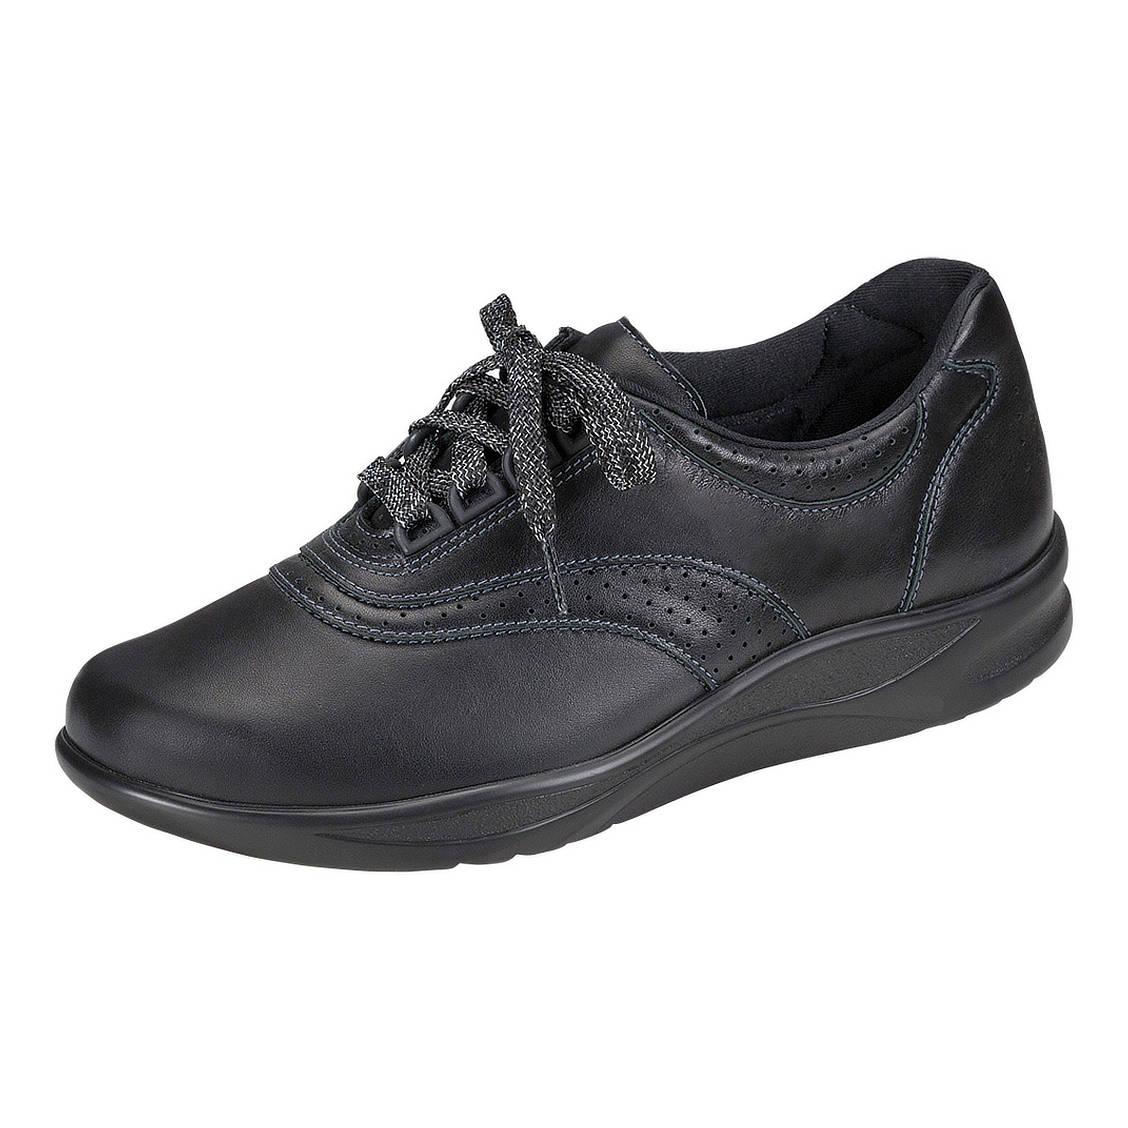 sas-womens-walk-easy-black-2380-013-2